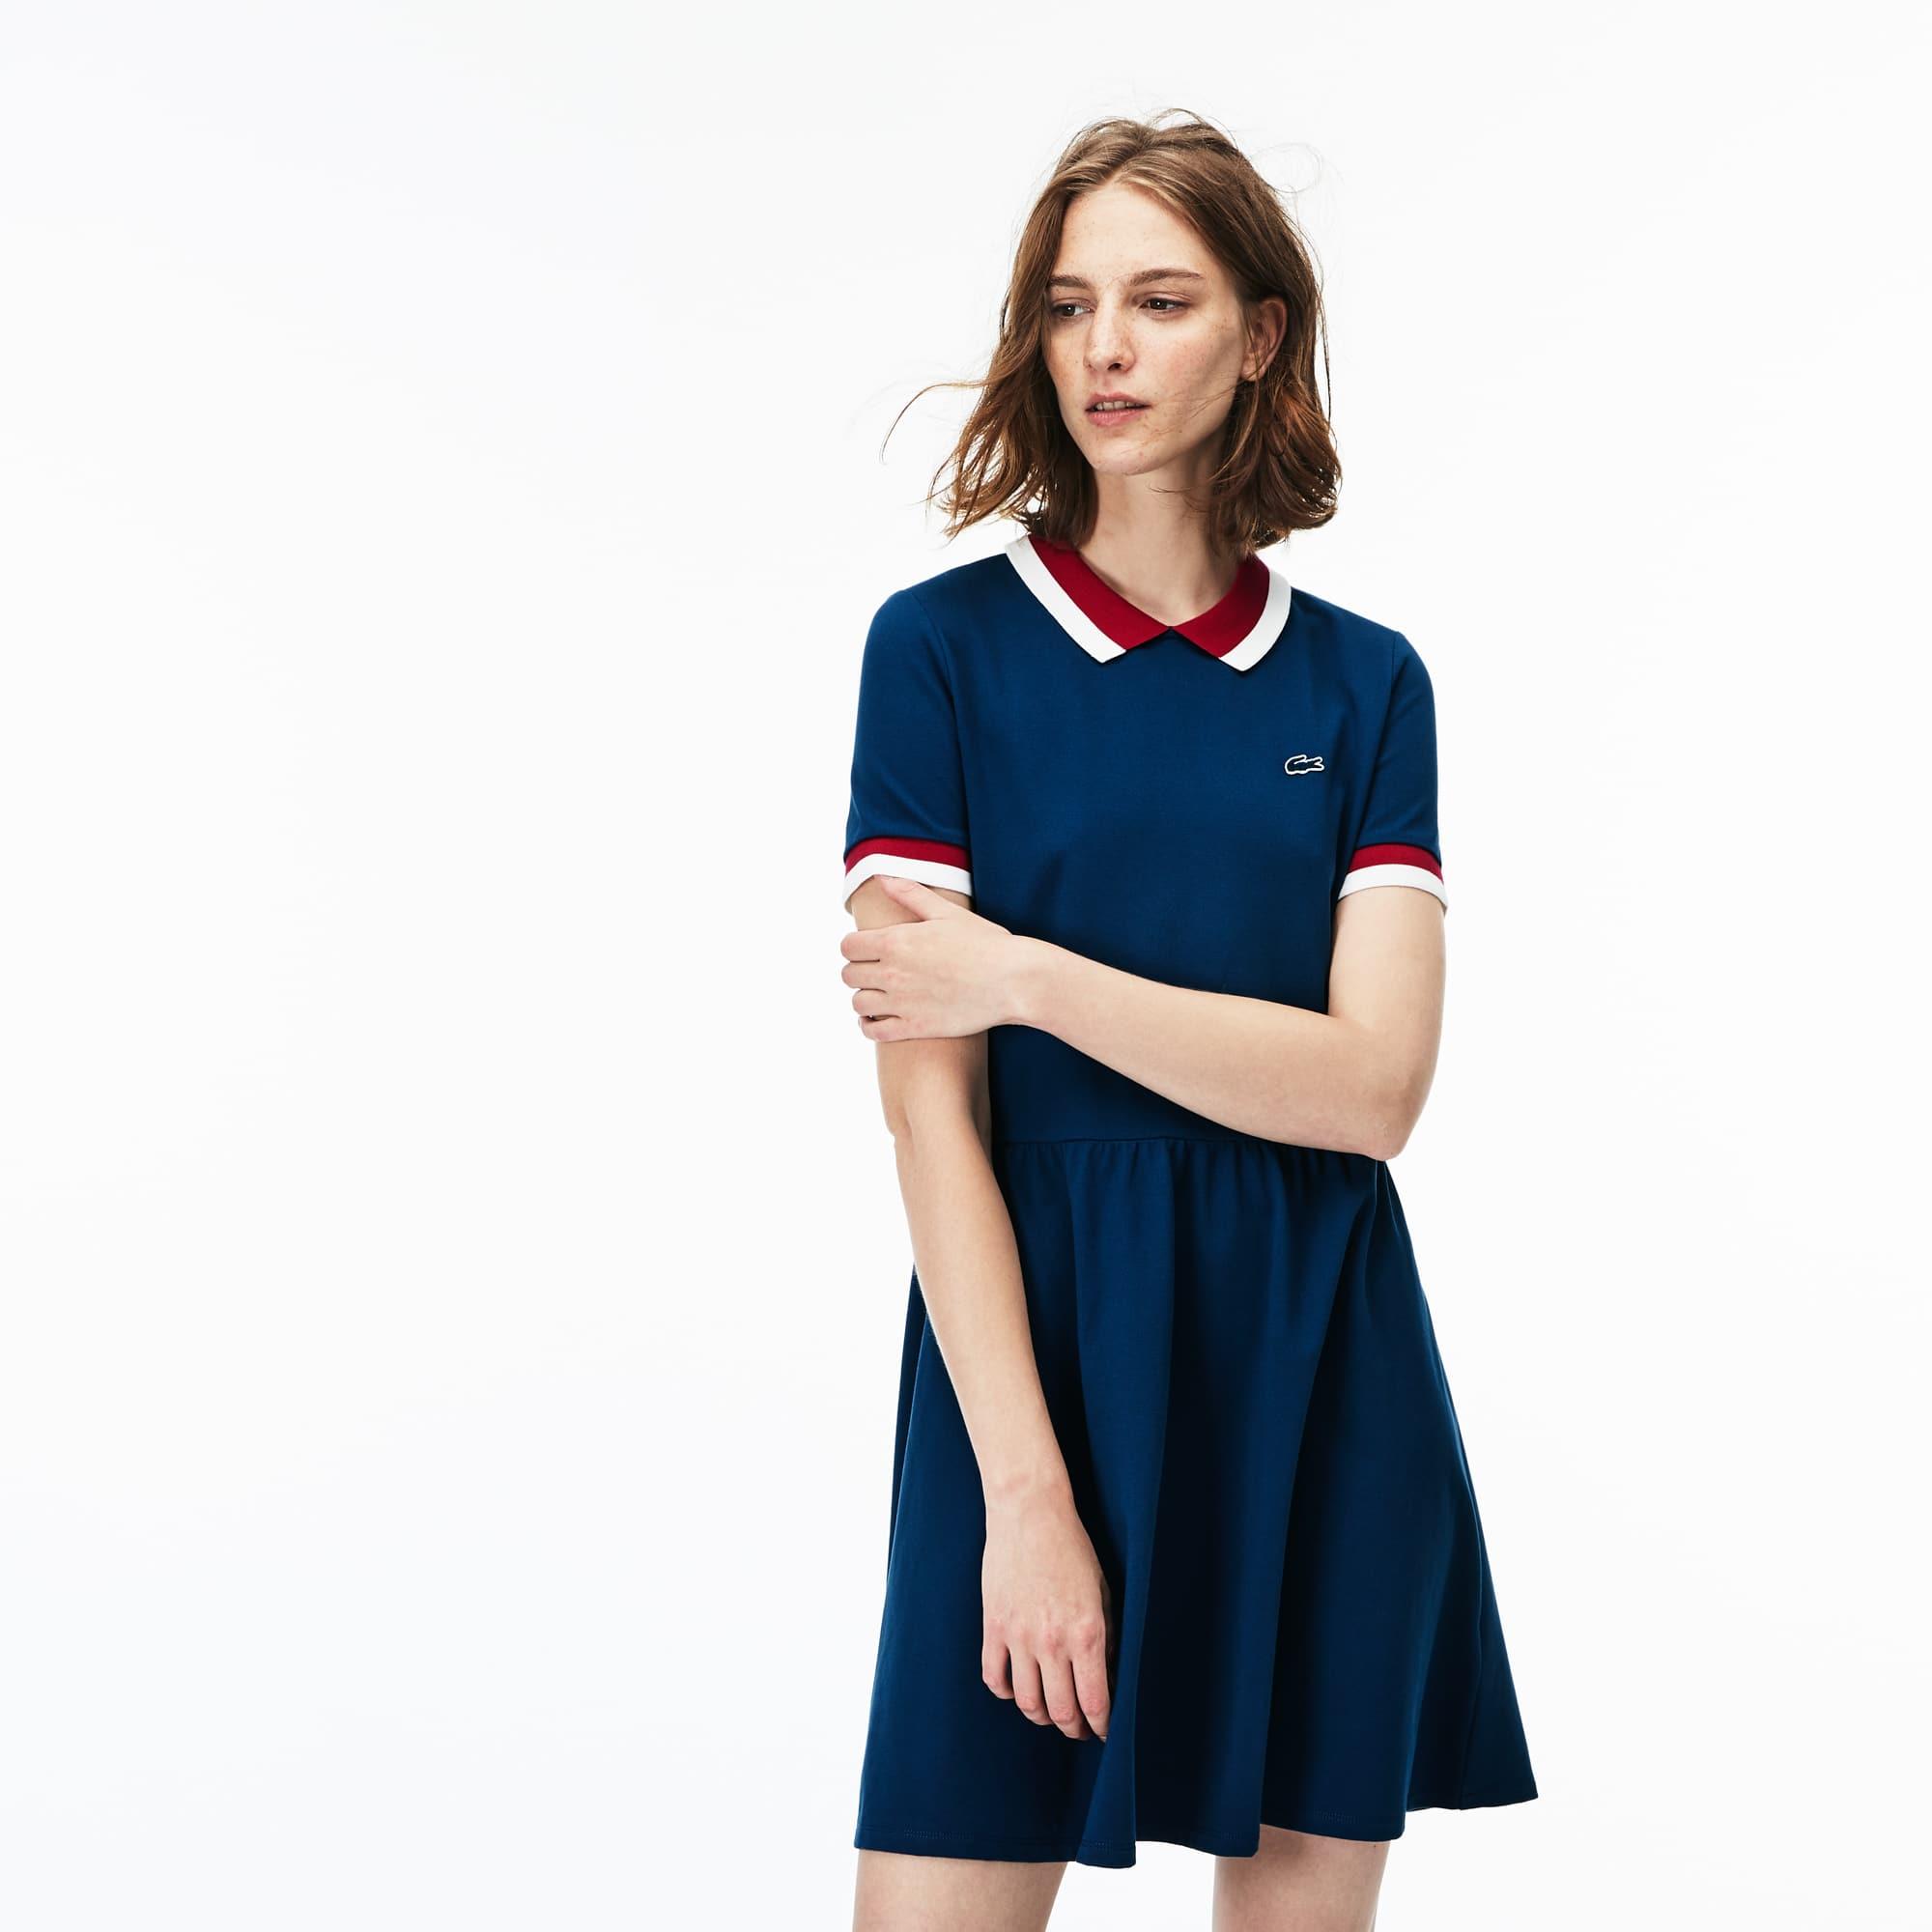 Marshalls Dresses for Women